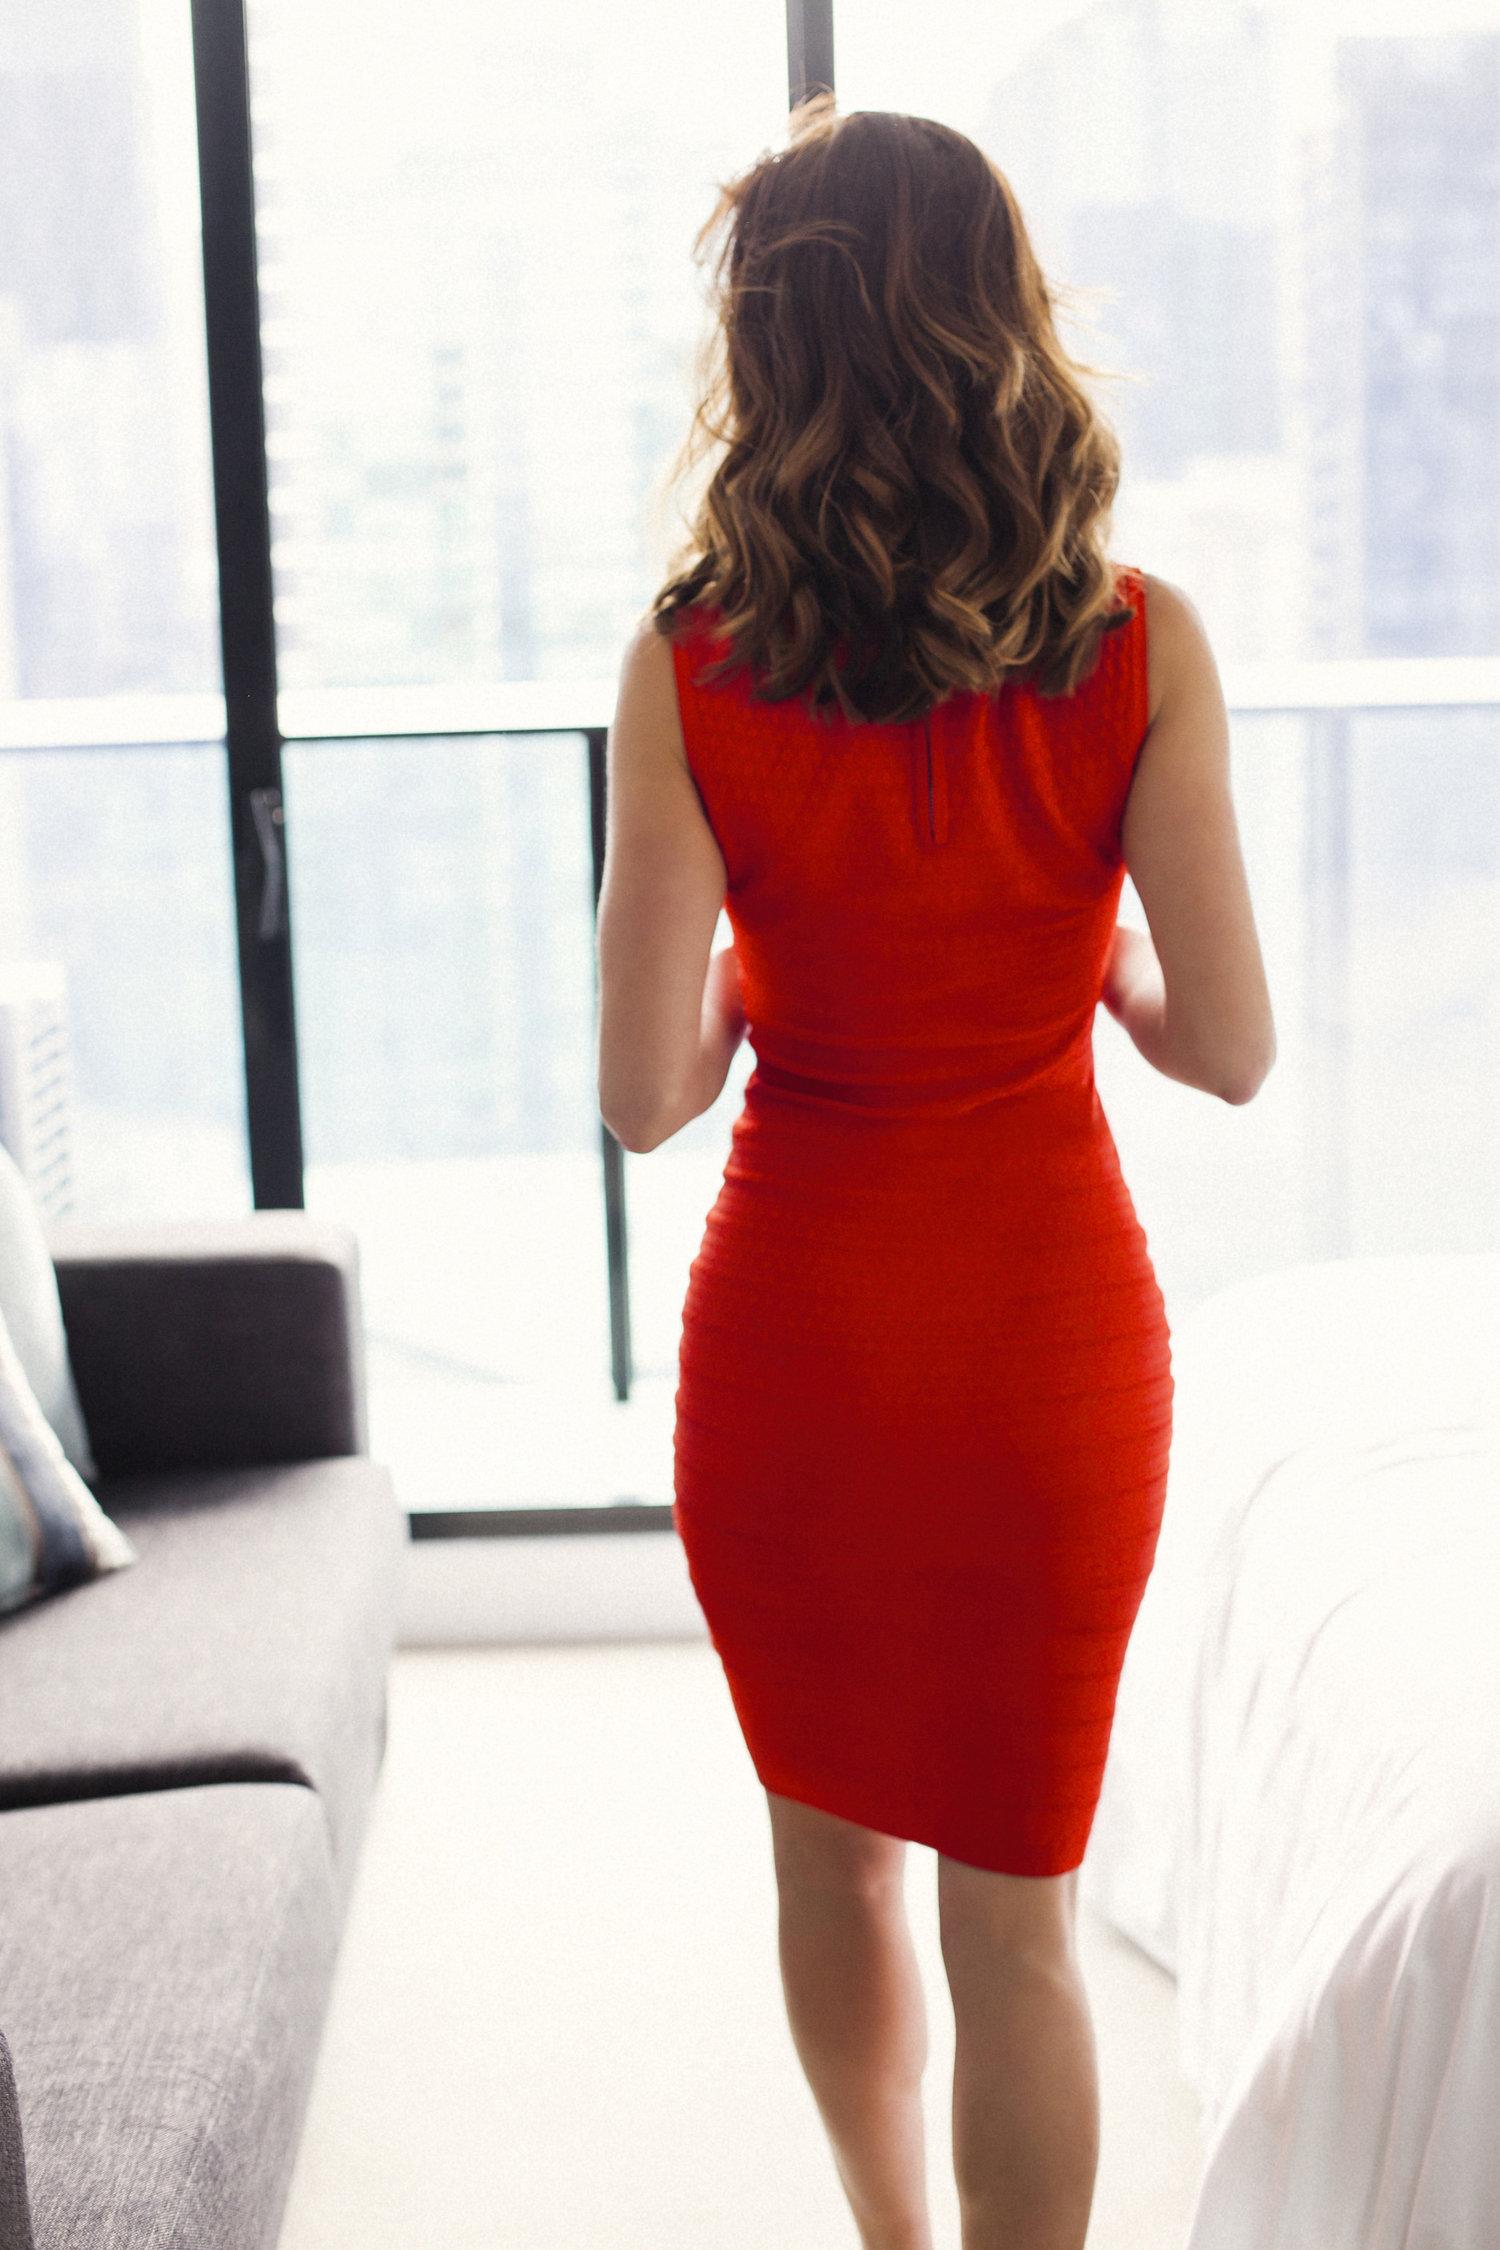 Emmy_Eden_Private_Escort_Red_Dress_01.jpg